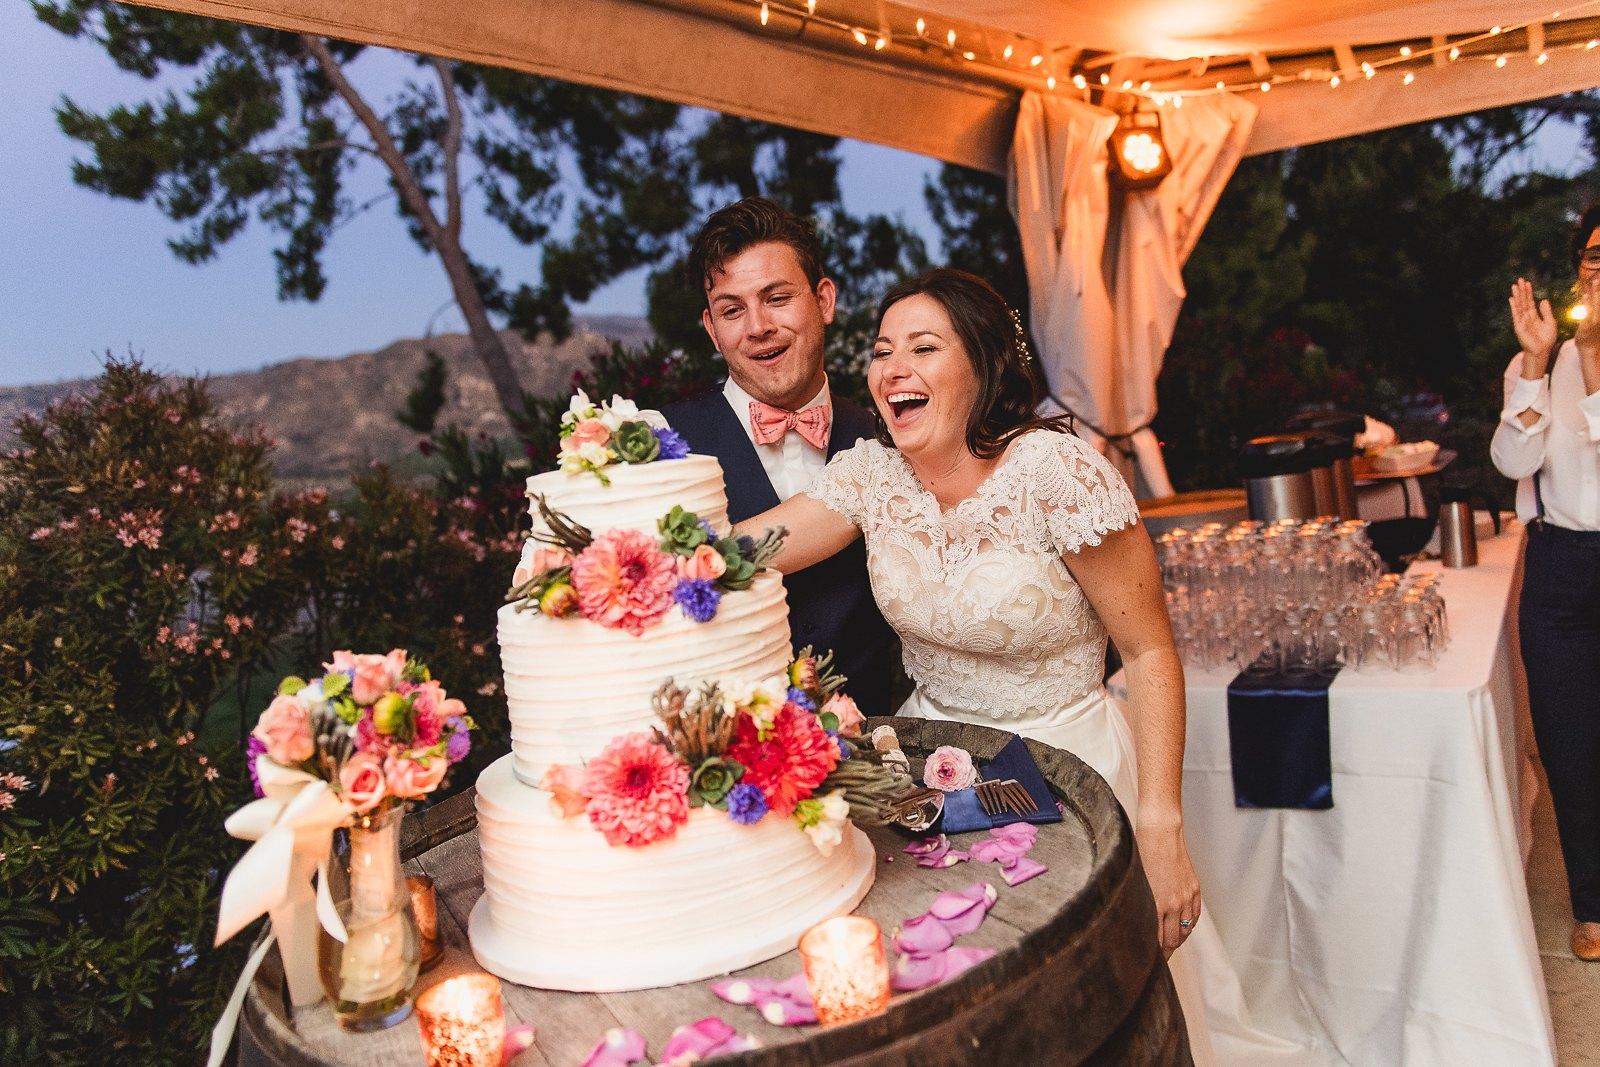 orfila-winery-wedding-photos-t-n-99.jpg